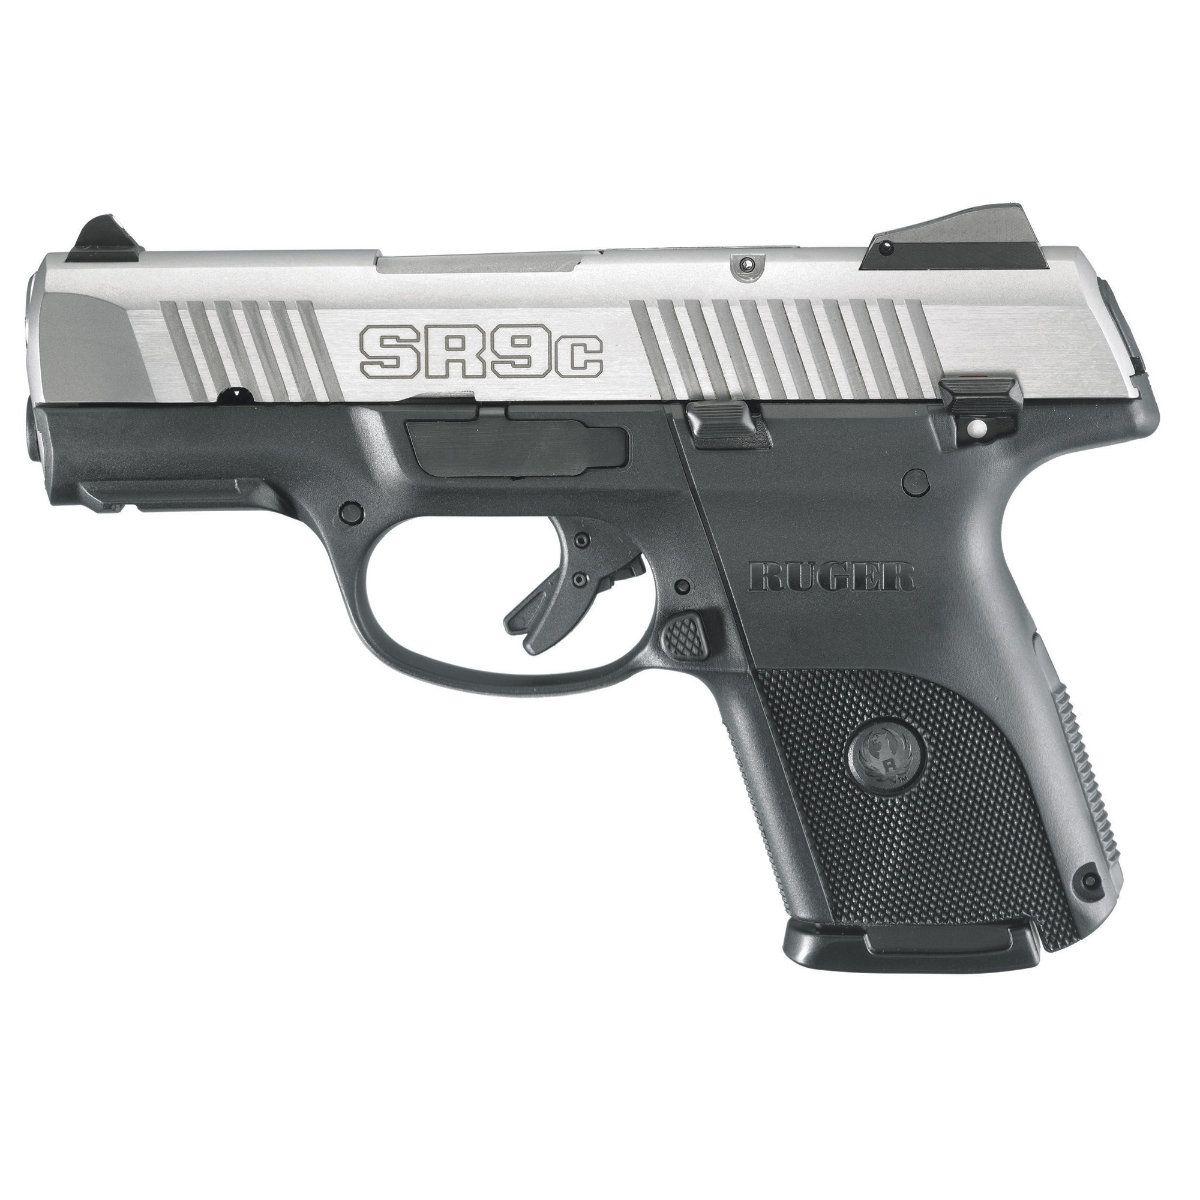 Ruger SR9c Handgun, Go To www likegossip com to get more